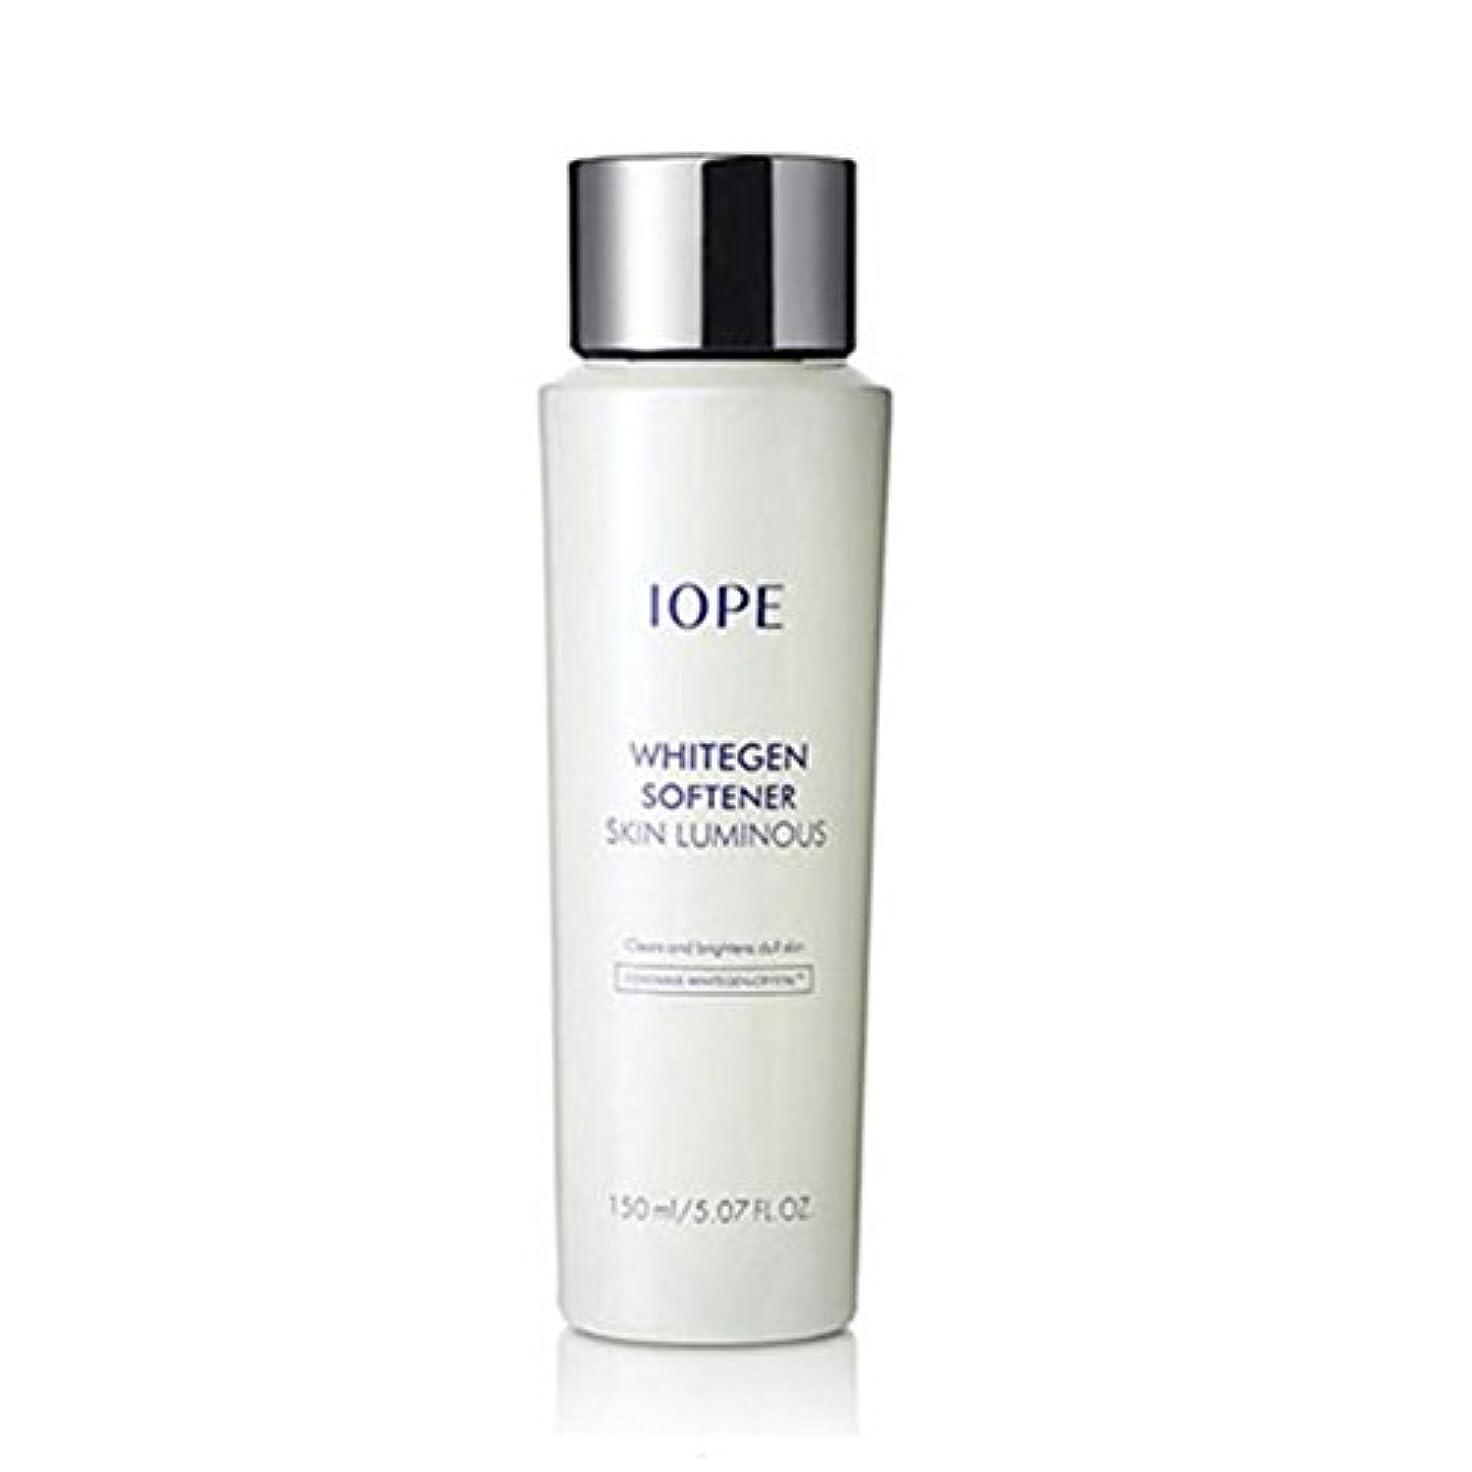 リー贈り物バッテリー(アイオペ)IOPE Whitegen Softener Skin Luminous (韓国直発送) oopspanda